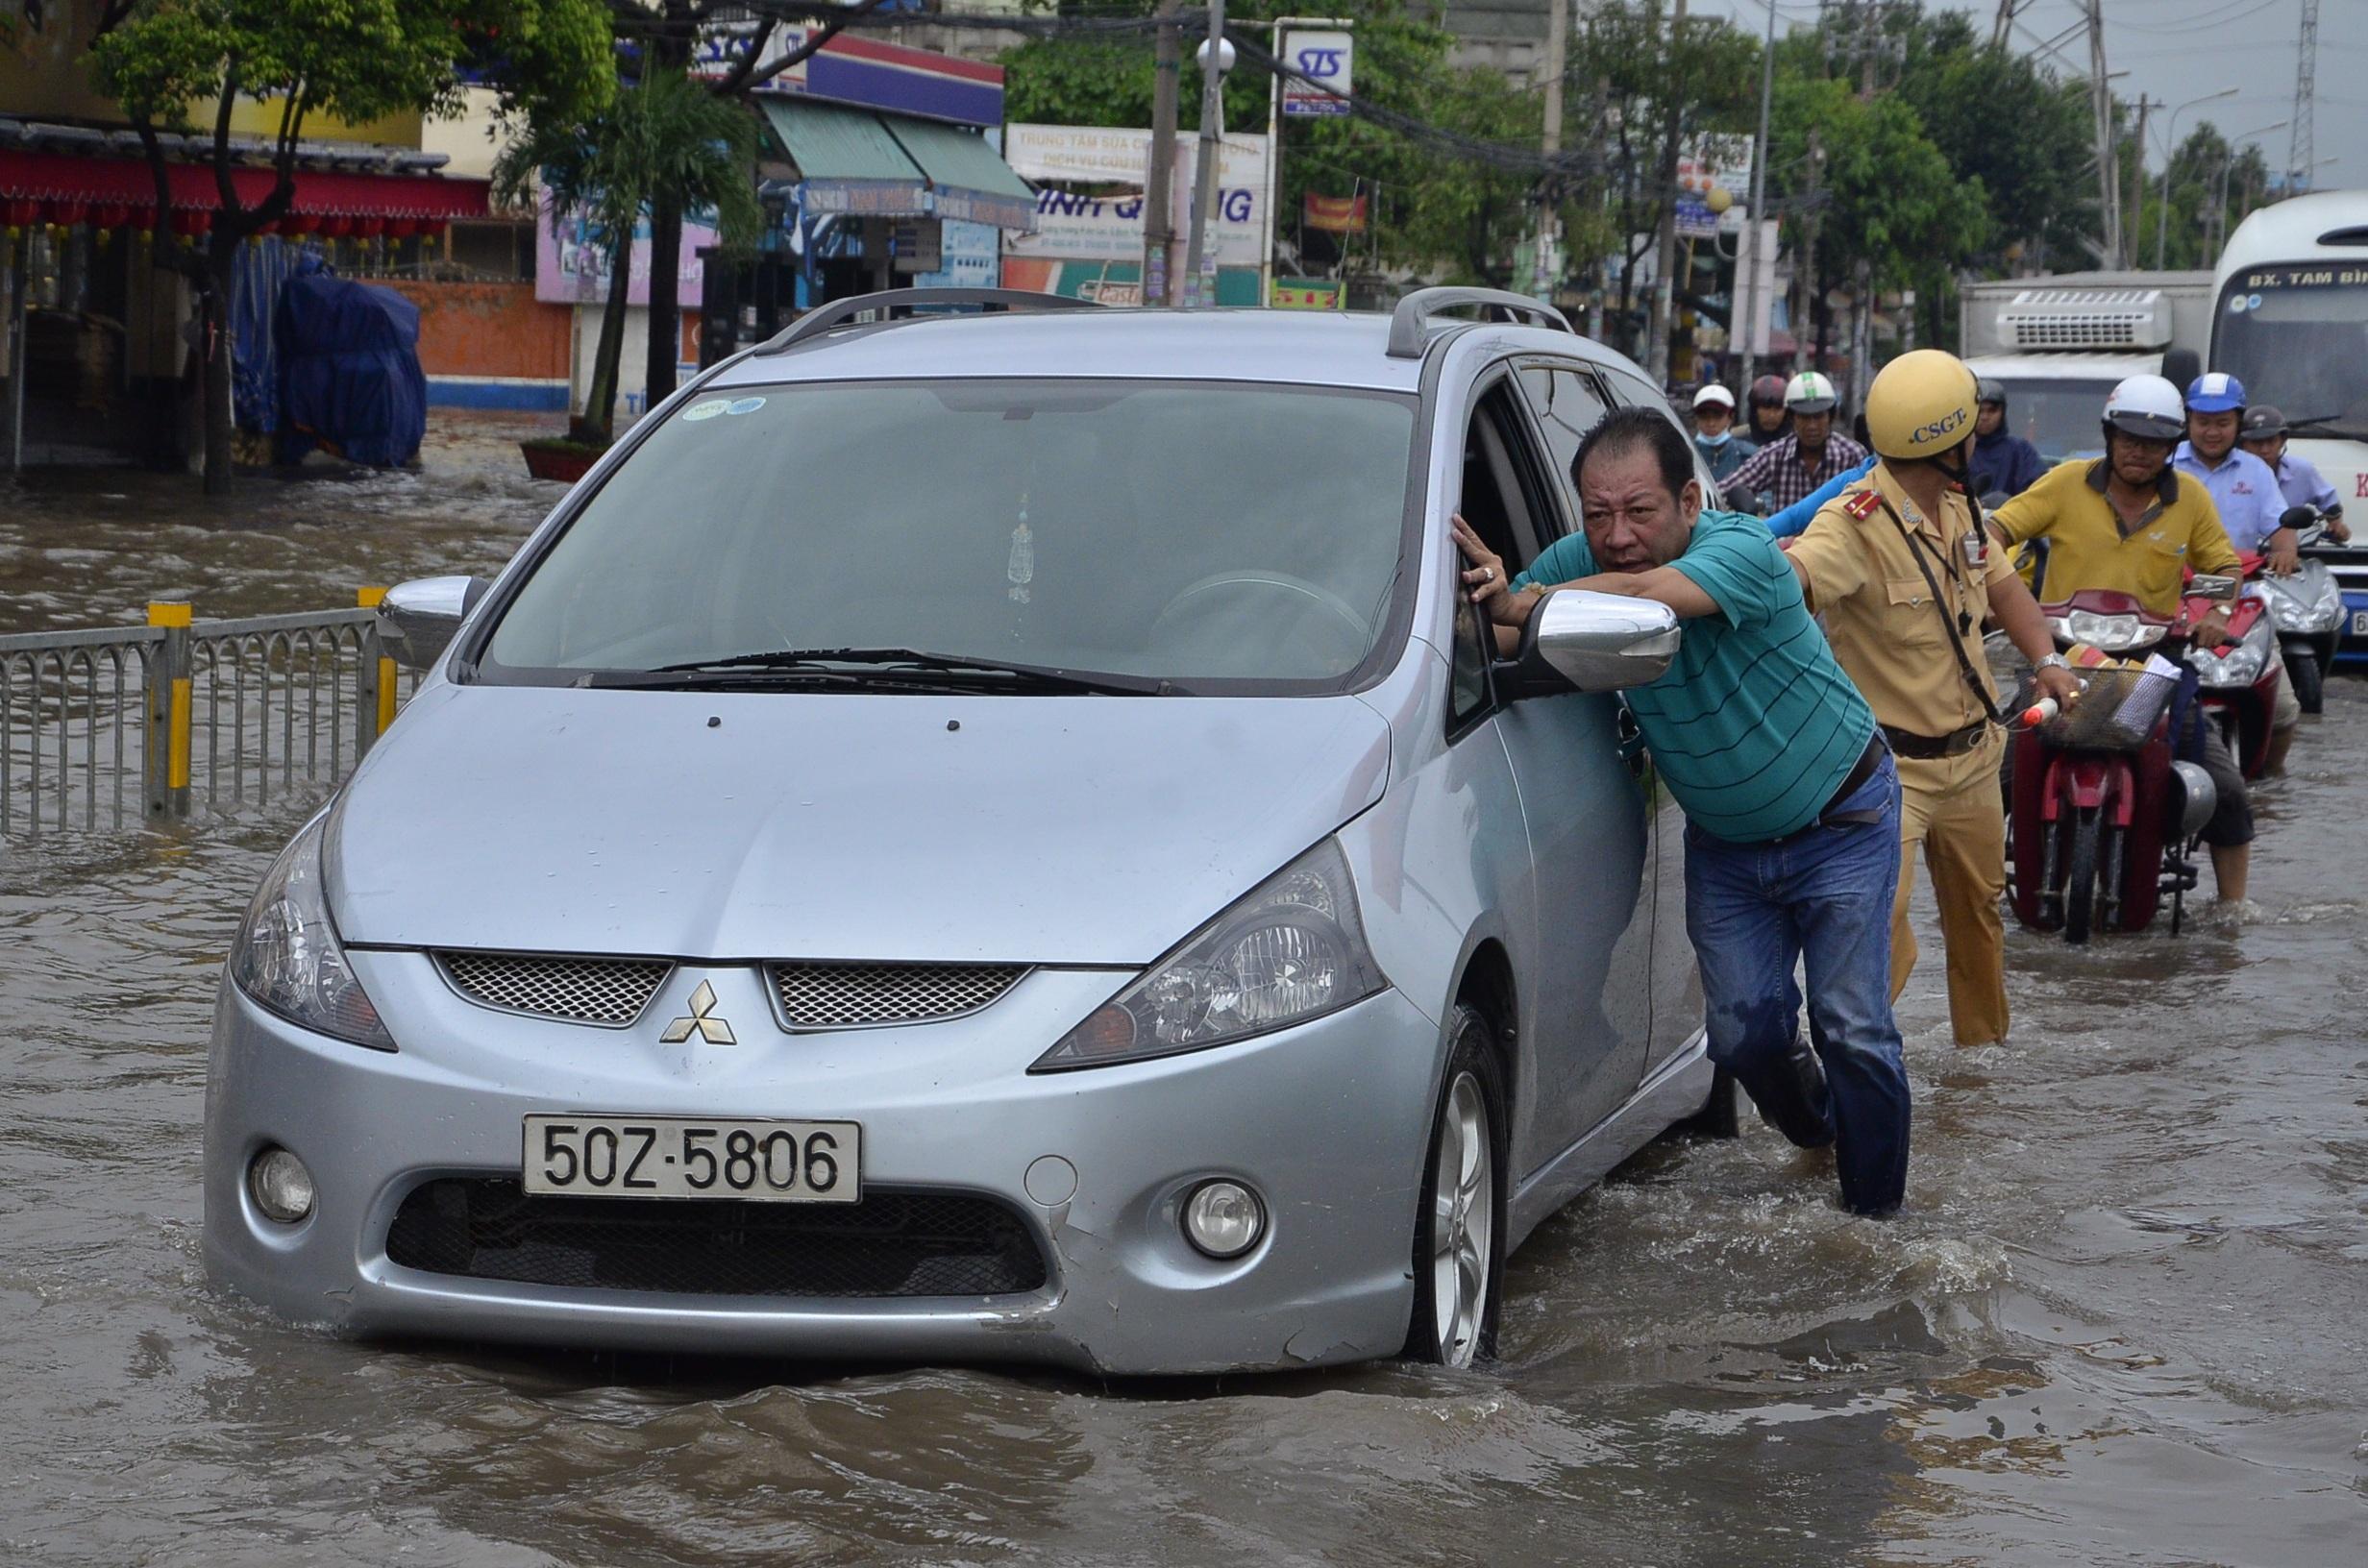 Nhiều xe ô tô chết máy giữa đường giống xe máy. Trong ảnh: Chủ xe cố gắng đẩy chiếc xe ra khỏi con đường ngập úng